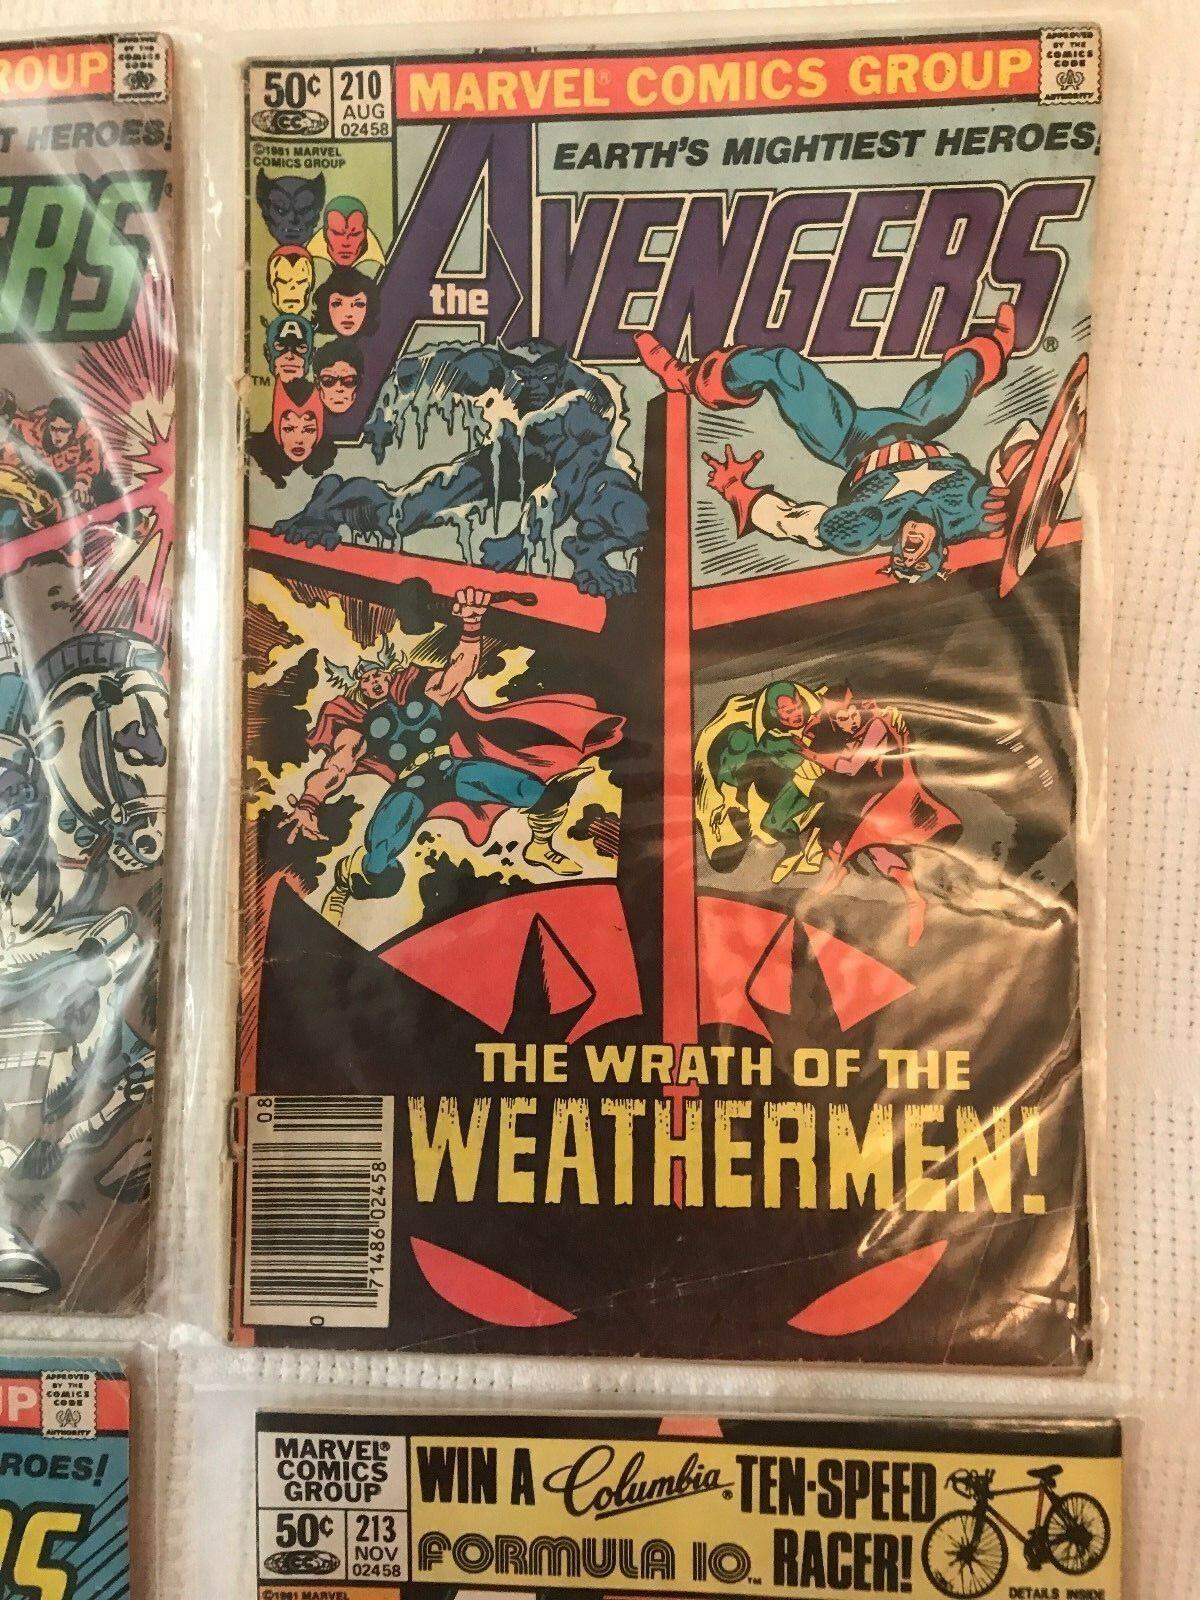 4 Marvel Comics Group The Avengers #208,210,212,213 G+